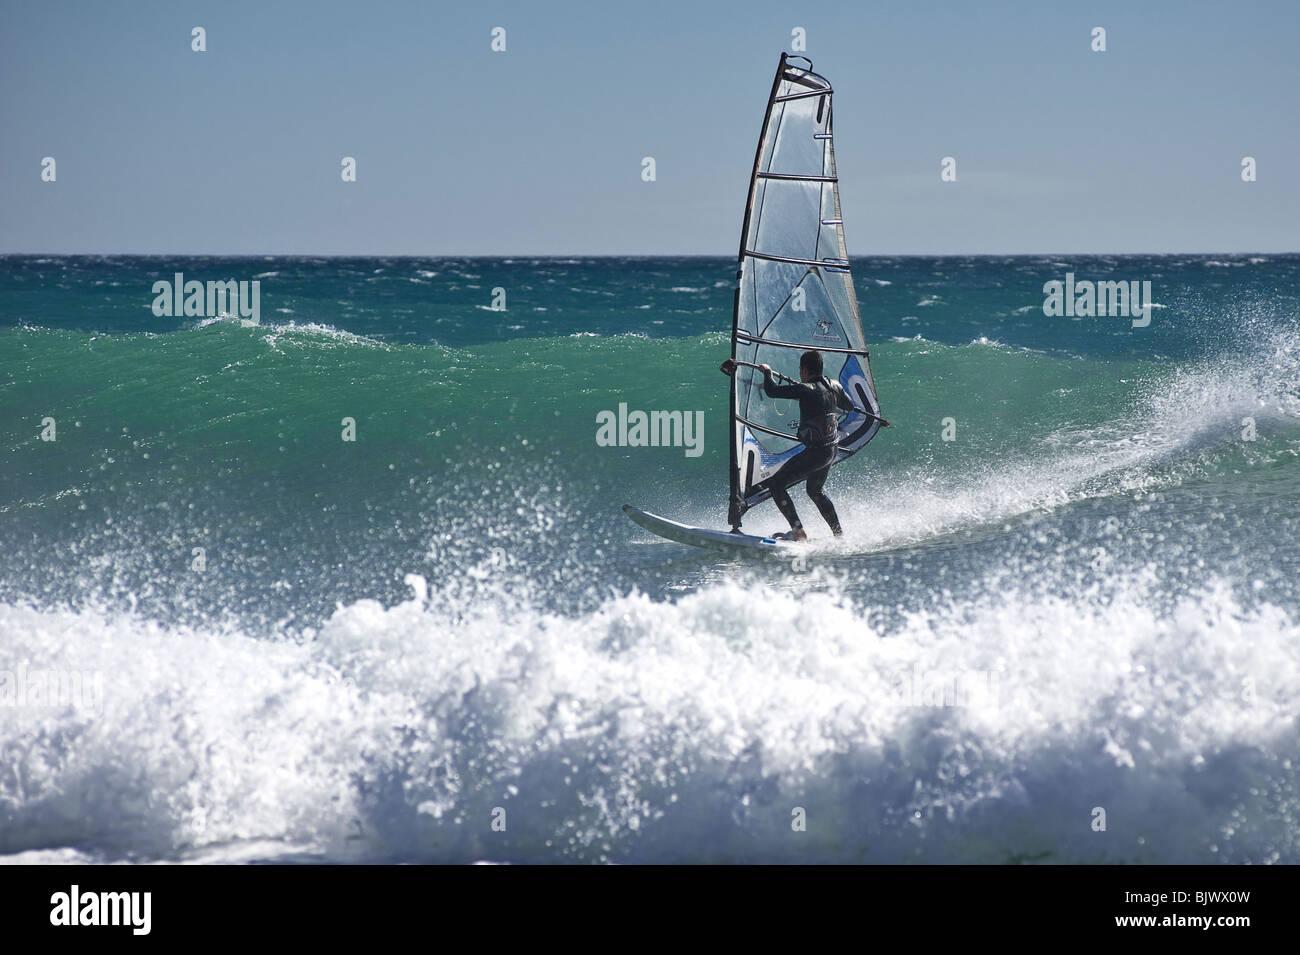 Equipo de windsurf en la playa de El Masnou, cerca de Barcelona. España. Imagen De Stock